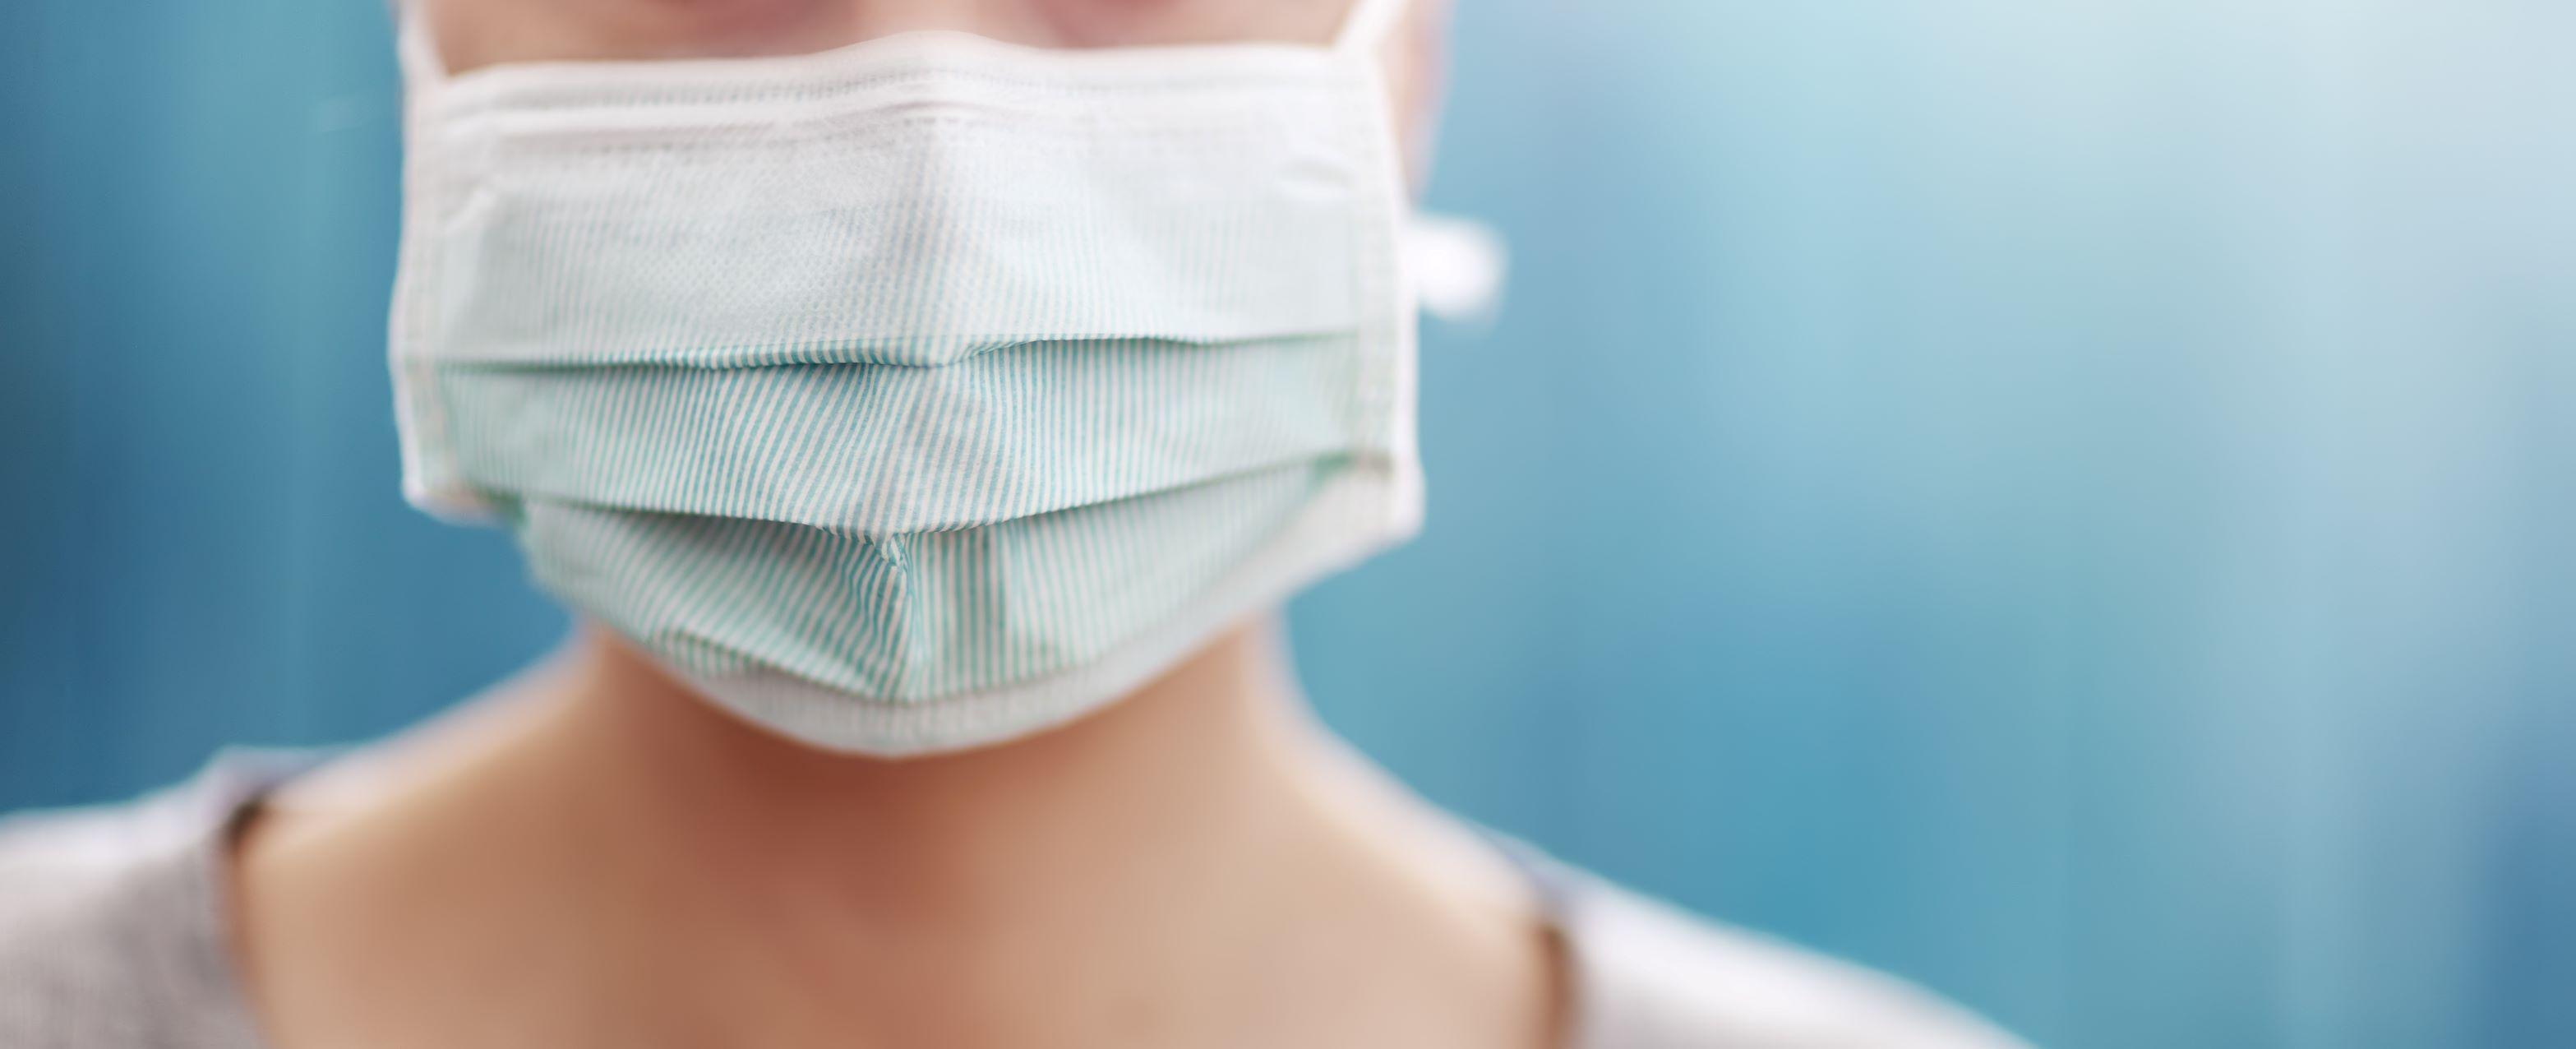 Covid-19: mascherine come dispositivi di protezione collettiva